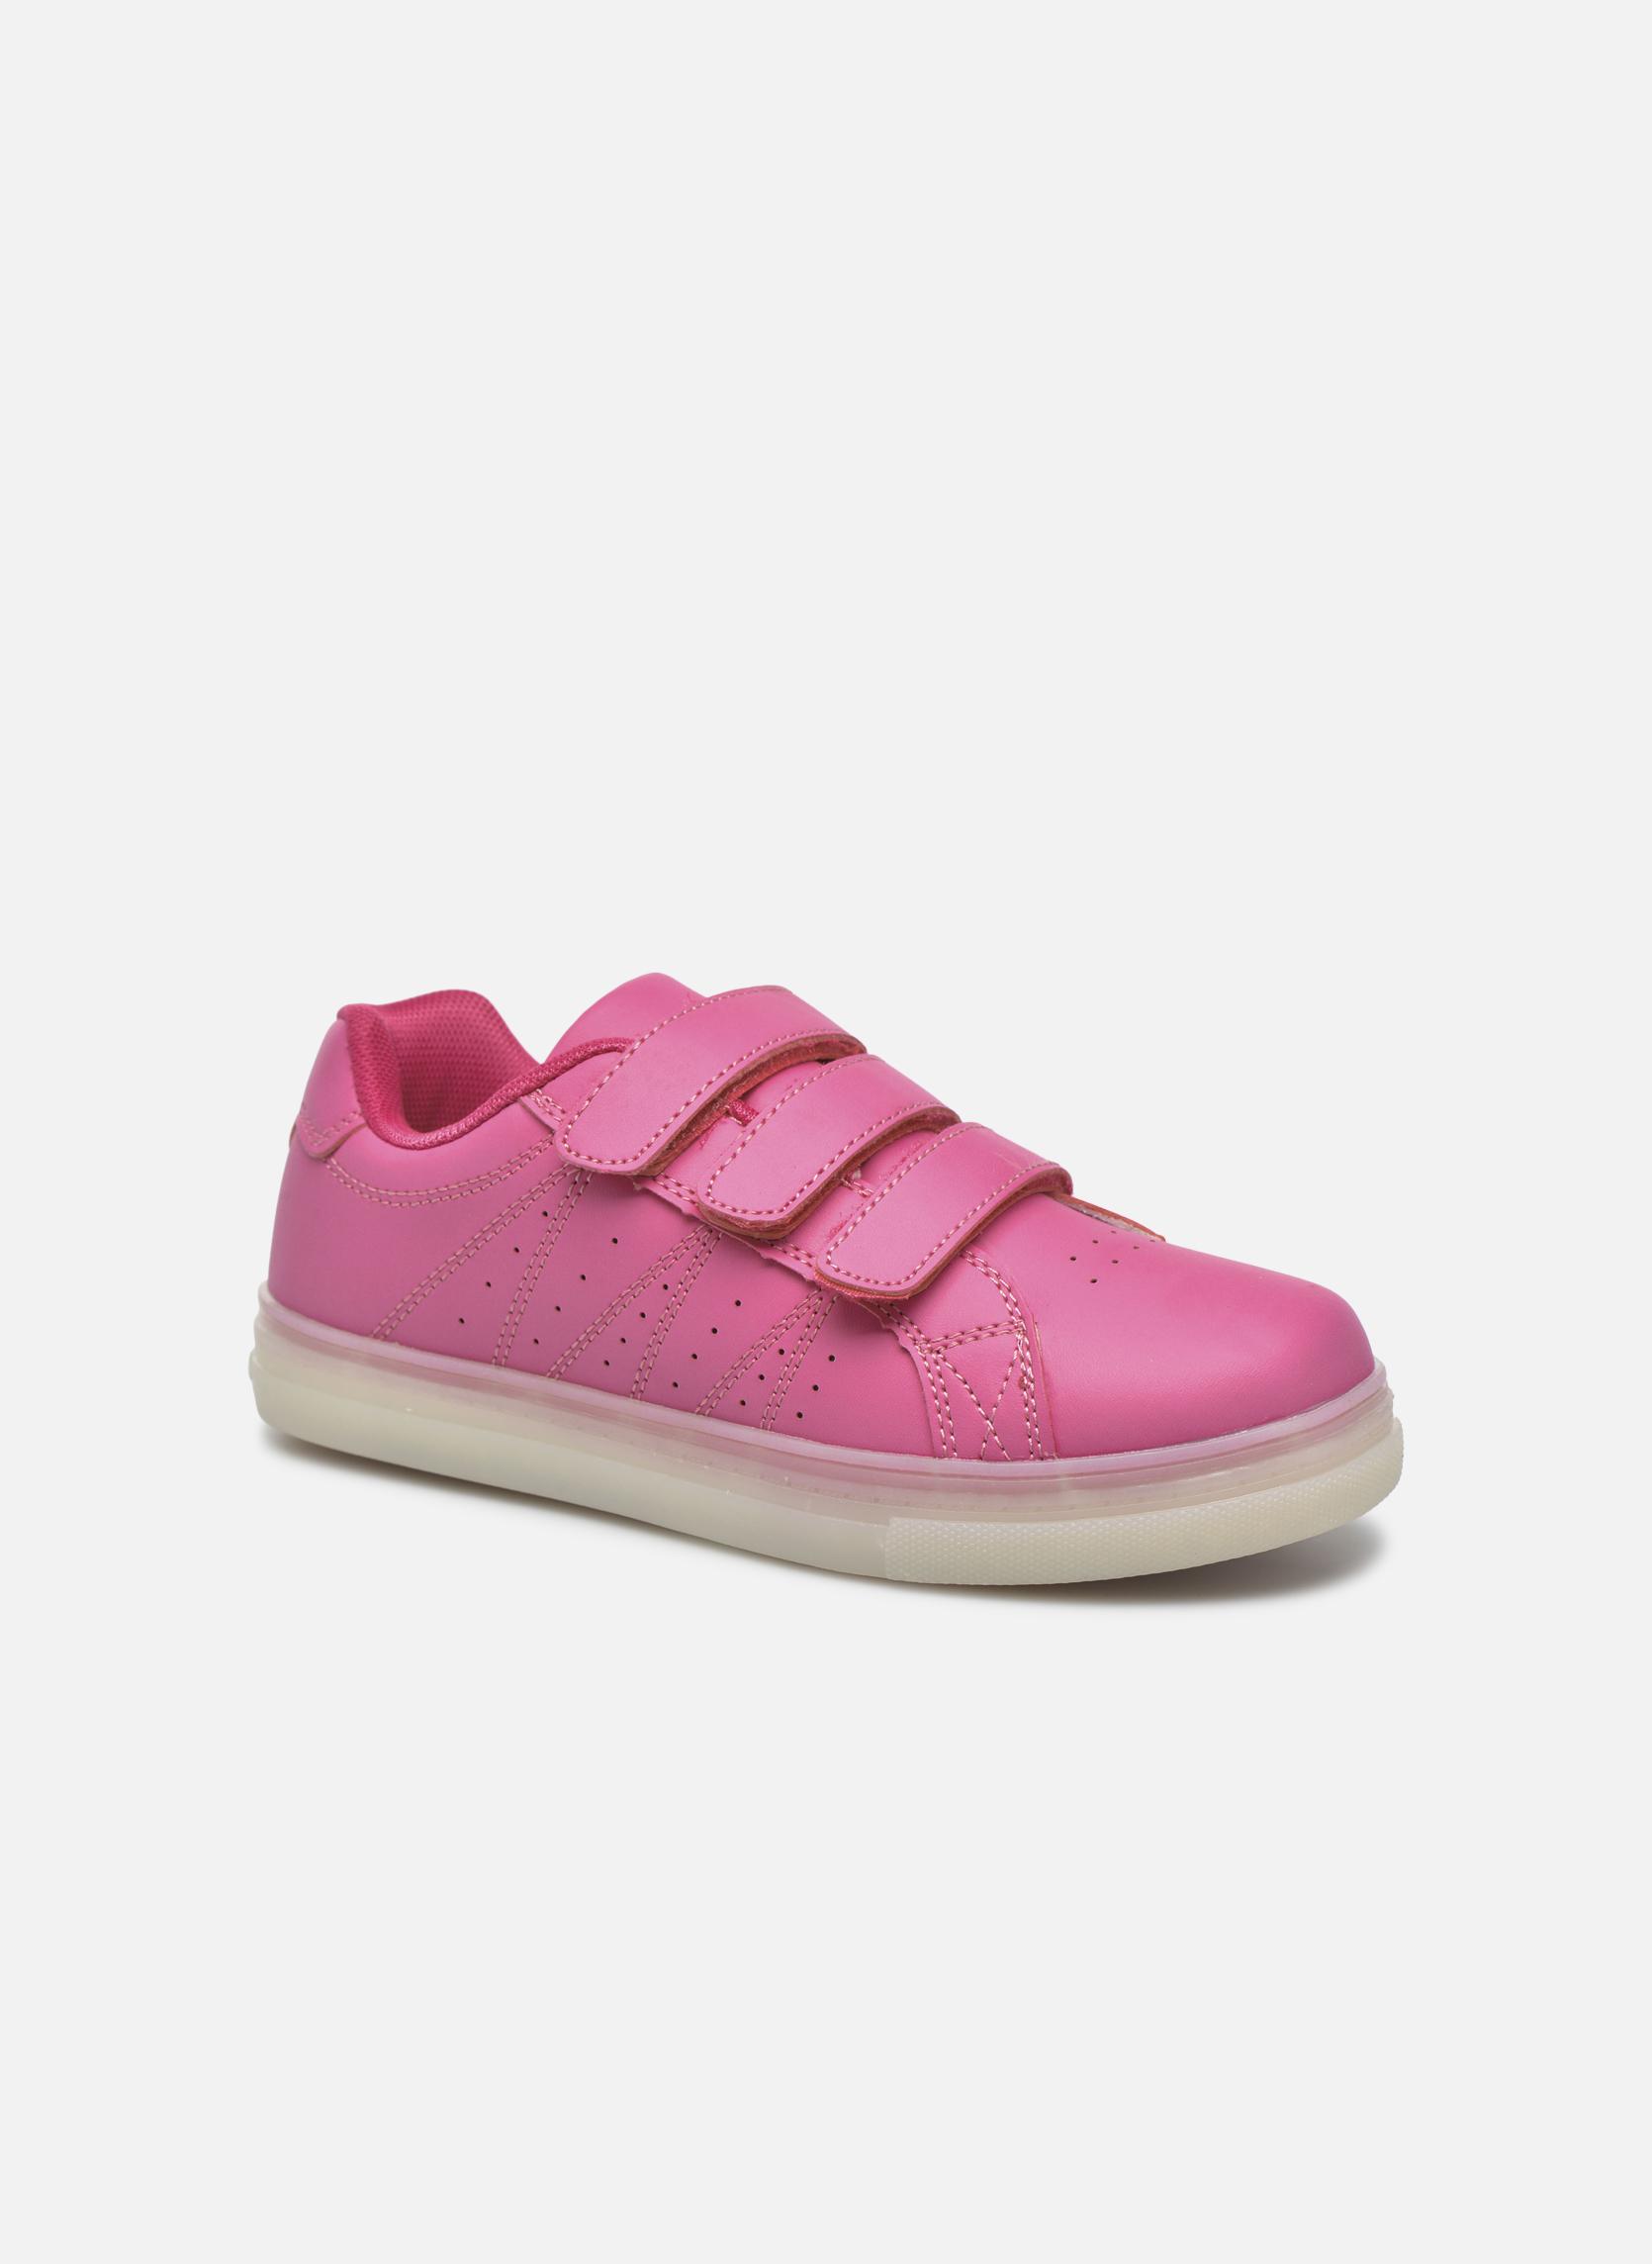 Sneaker Kinder Beps Light